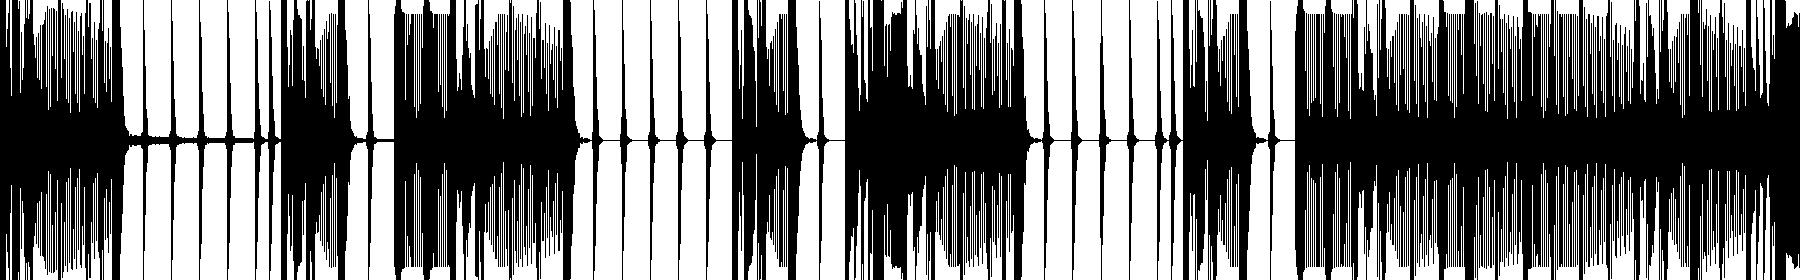 156drumka1